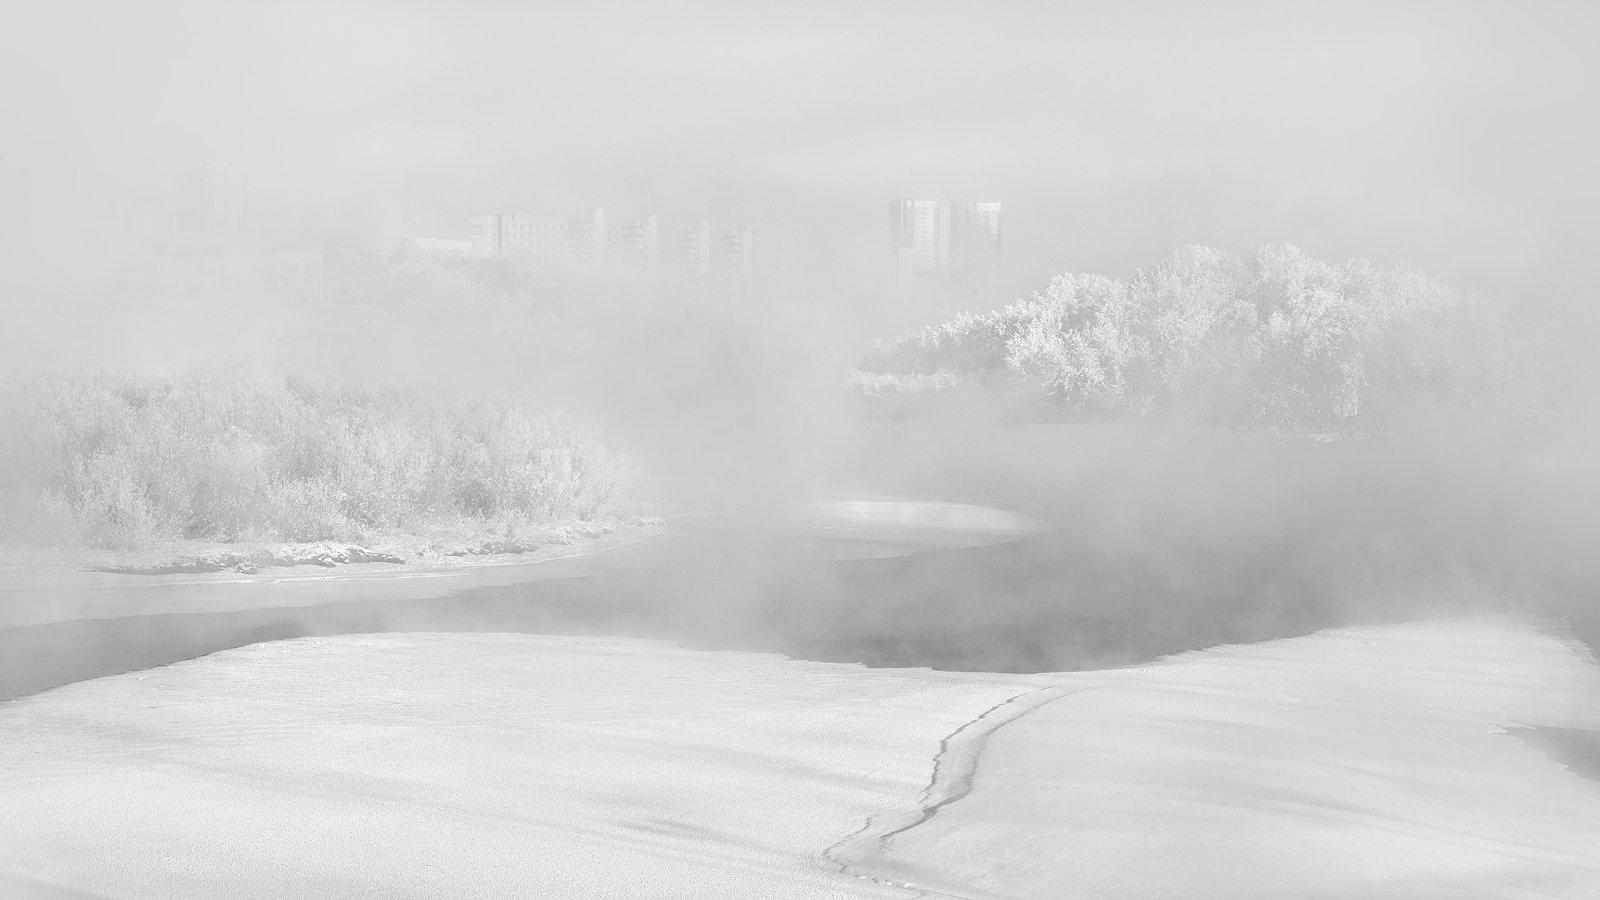 пейзаж, природа, чб, черно-белое, белый, светлый, зима, мороз, холод, лед, река, туман, иней, снег, город, красноярск, татышев, енисей, сибирь, Антипов Дмитрий